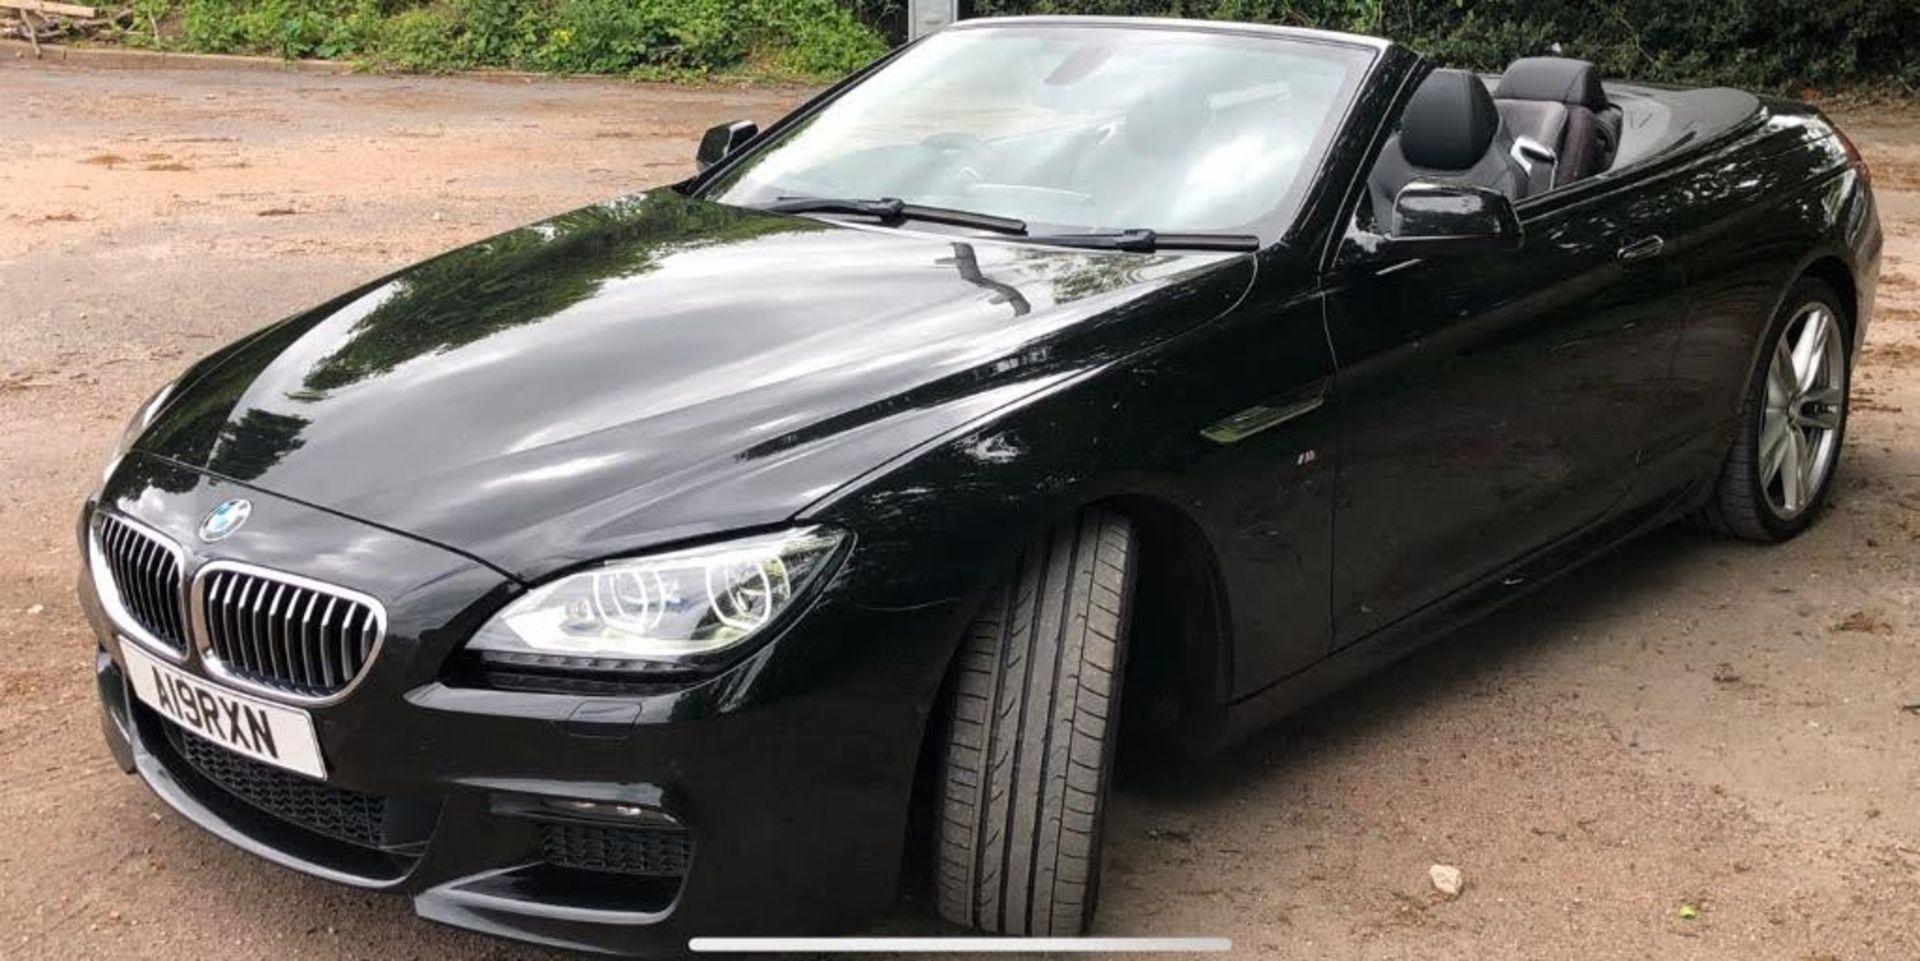 2014/14 REG BMW 640D M SPORT AUTOMATIC 3.0 DIESEL BLACK CONVERTIBLE *NO VAT* - Image 3 of 17